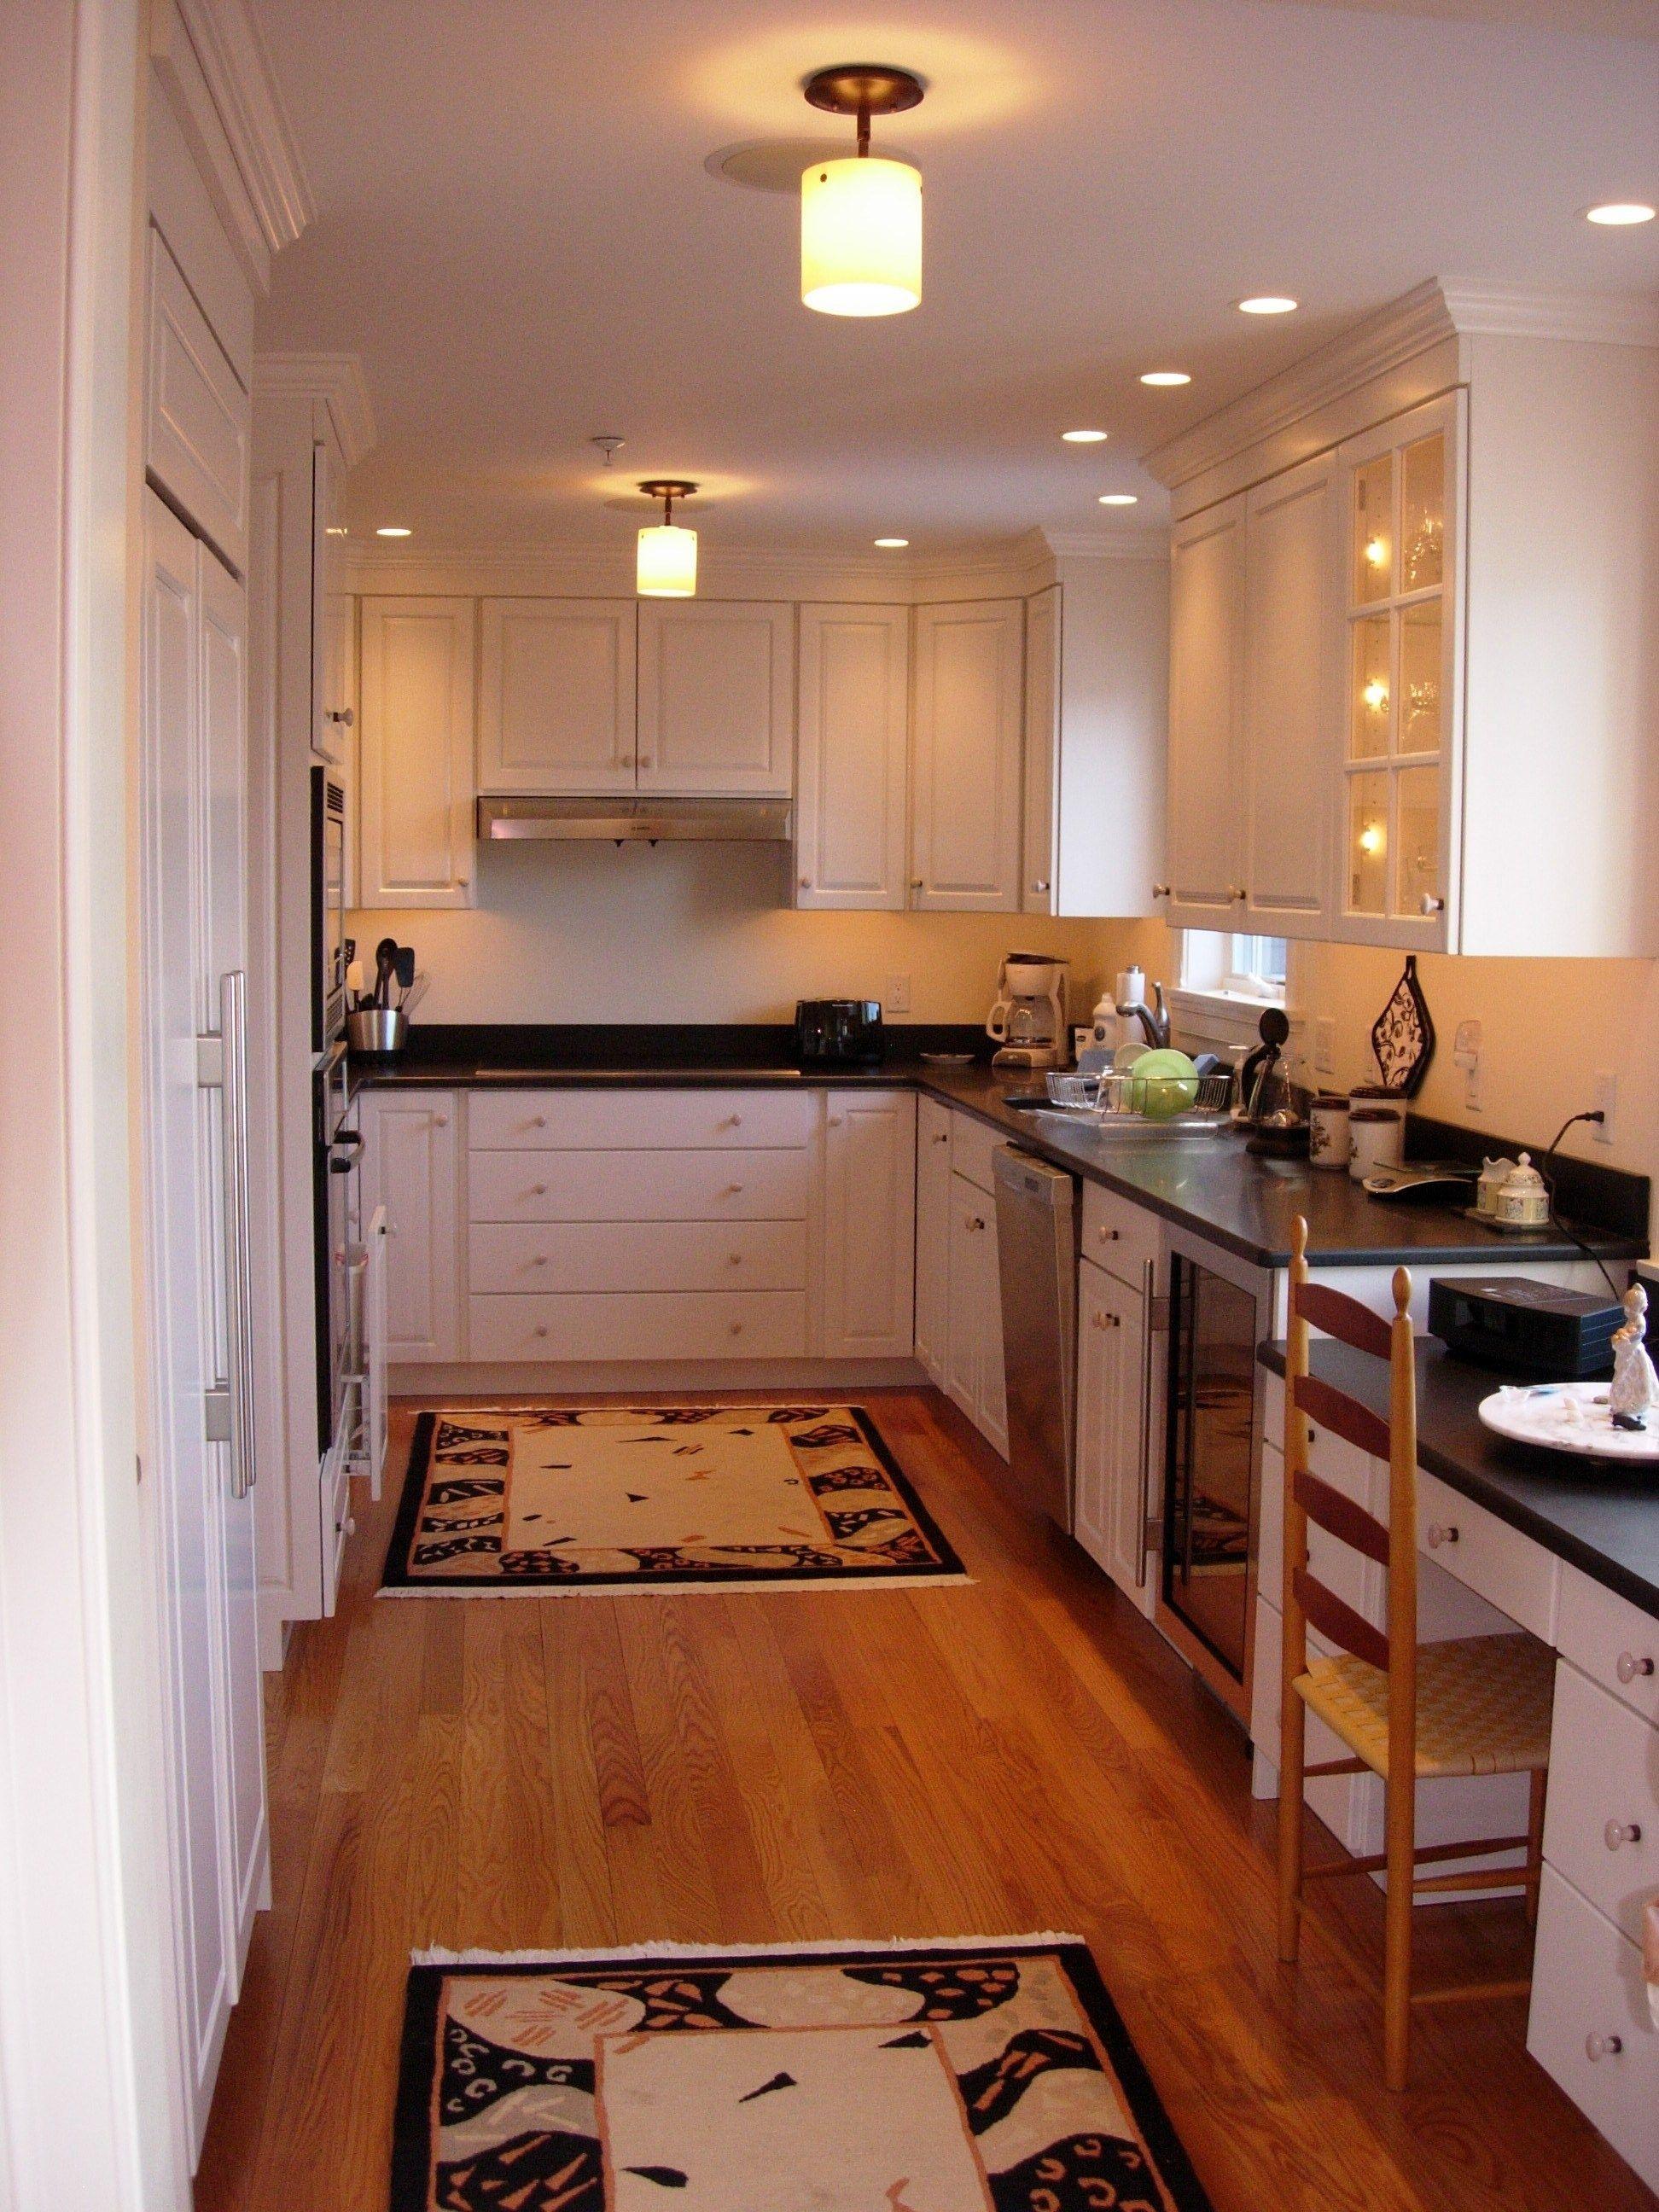 10 Functional Kitchen Lighting Design Ideas In 2020 Kitchen Design Small Kitchen Design Interior Design Kitchen